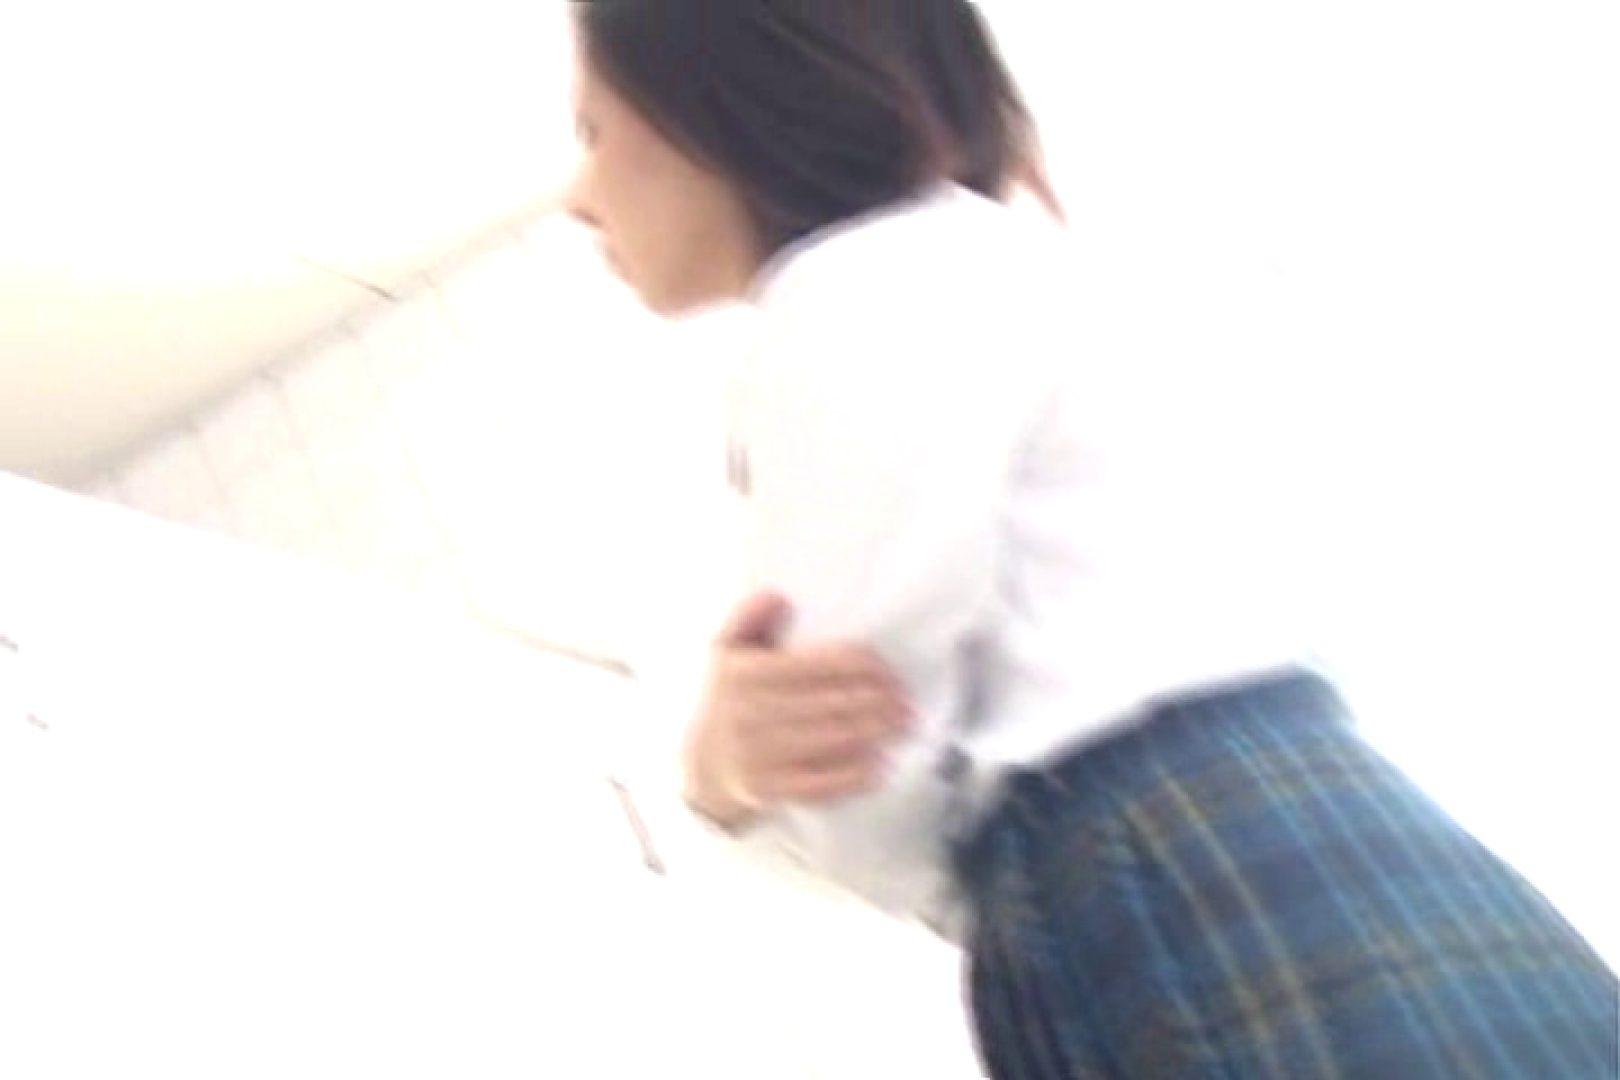 ギリギリアウトな嬢達Vol.4 洗面所 | 学校  110画像 64